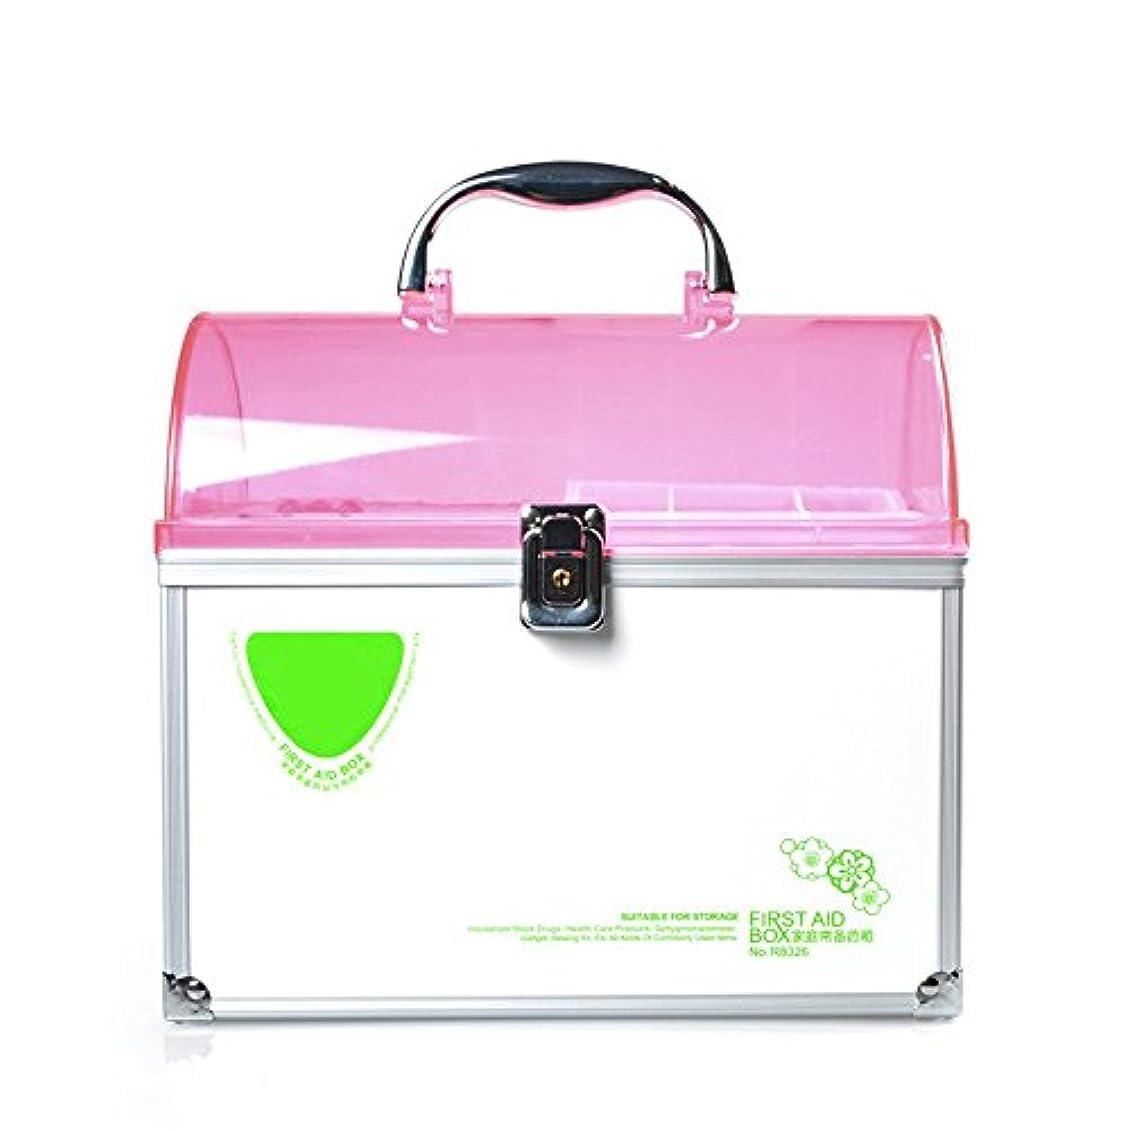 助手ランダム属するホームポータブル ポータブルハンドル付きケース多機能マルチ医学ストレージボックス 救急箱 (Color : Pink)